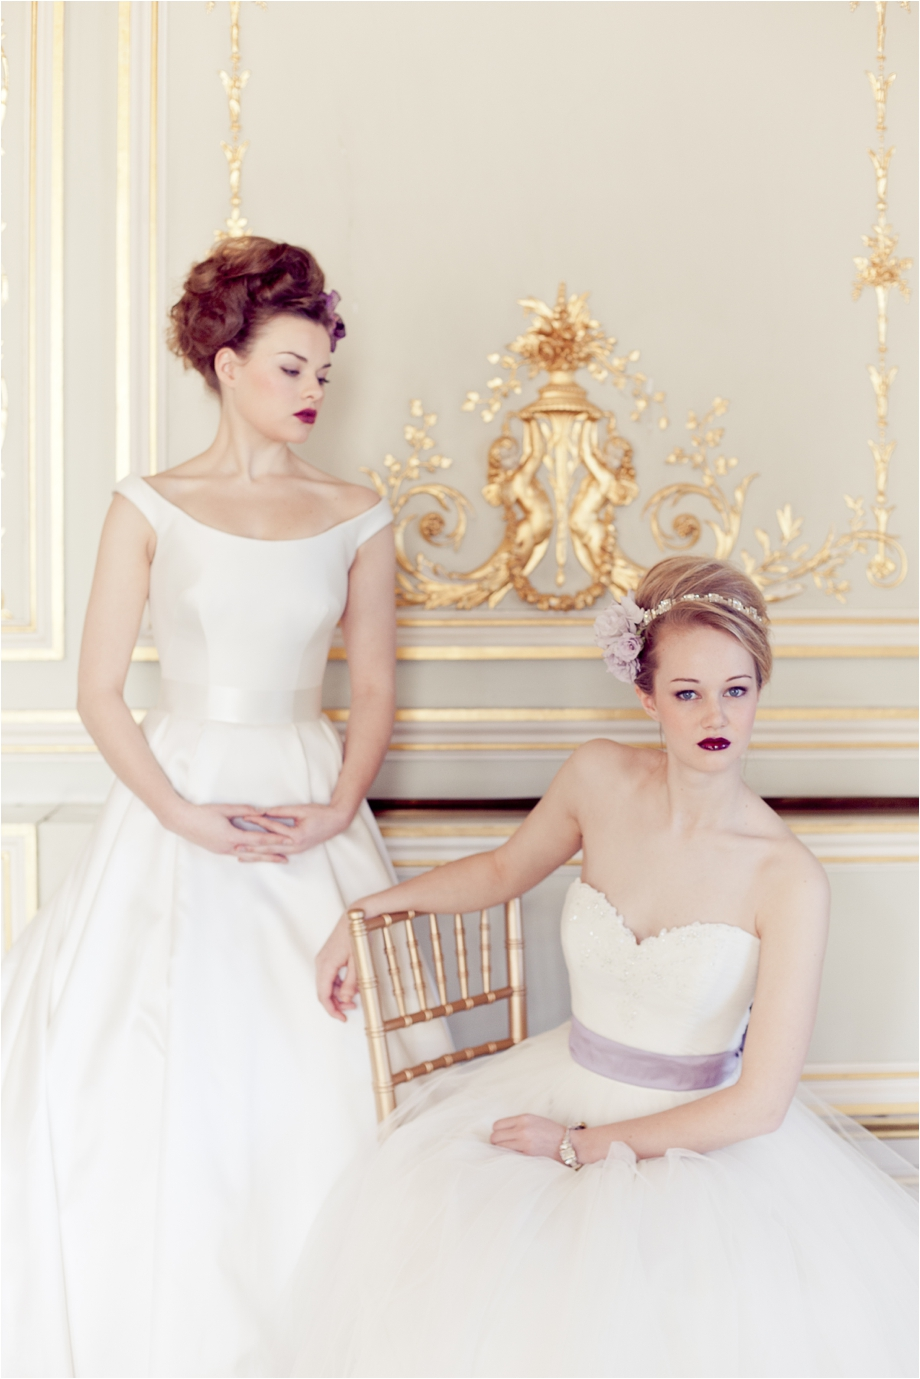 096_eddie-judd-photography-miss-bush-bridal-debutantes_0886_FB